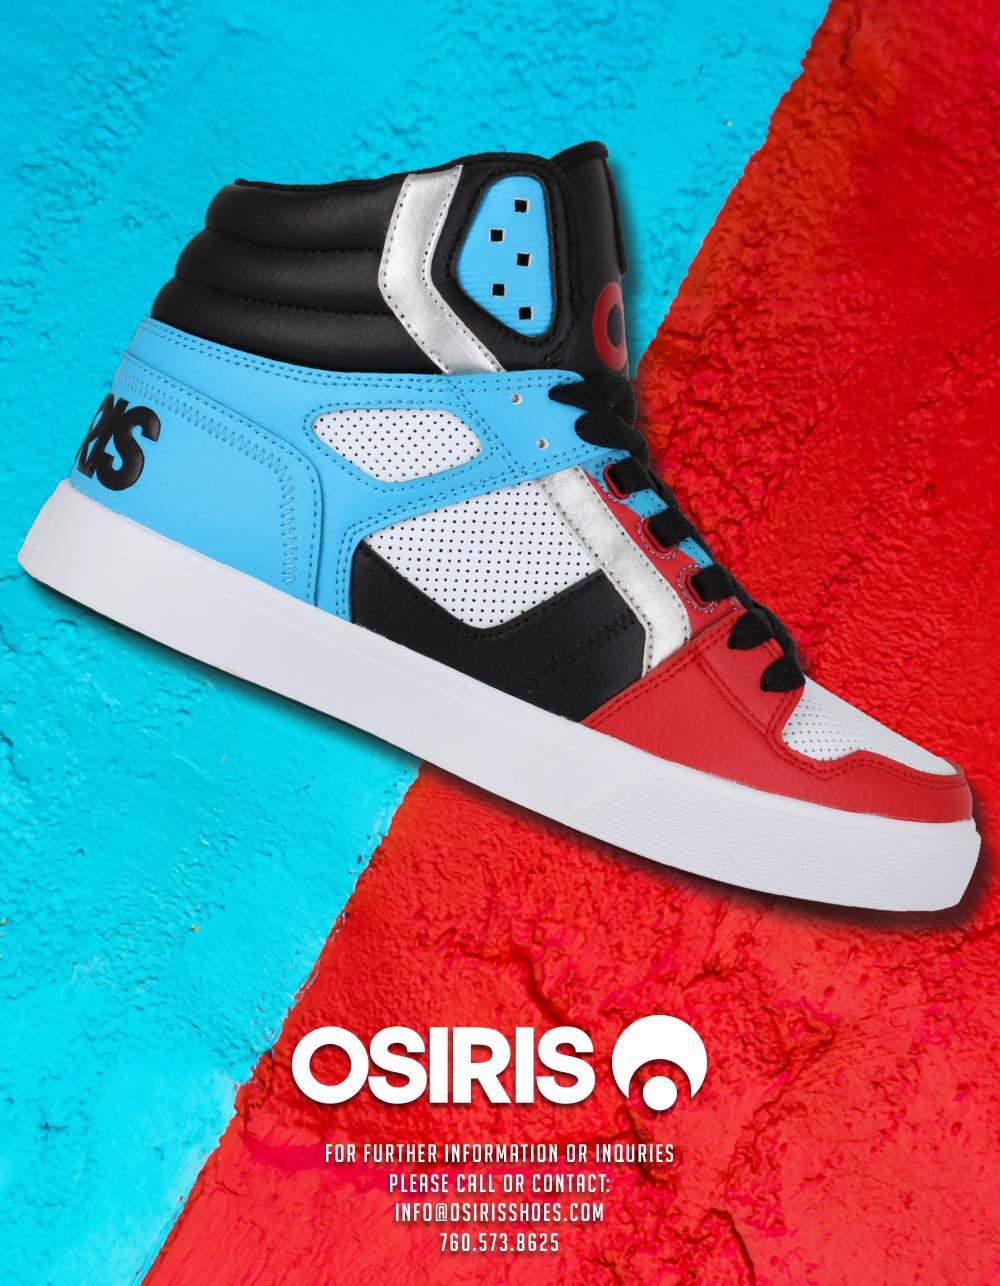 102 OSIRIS SKATE SHOES